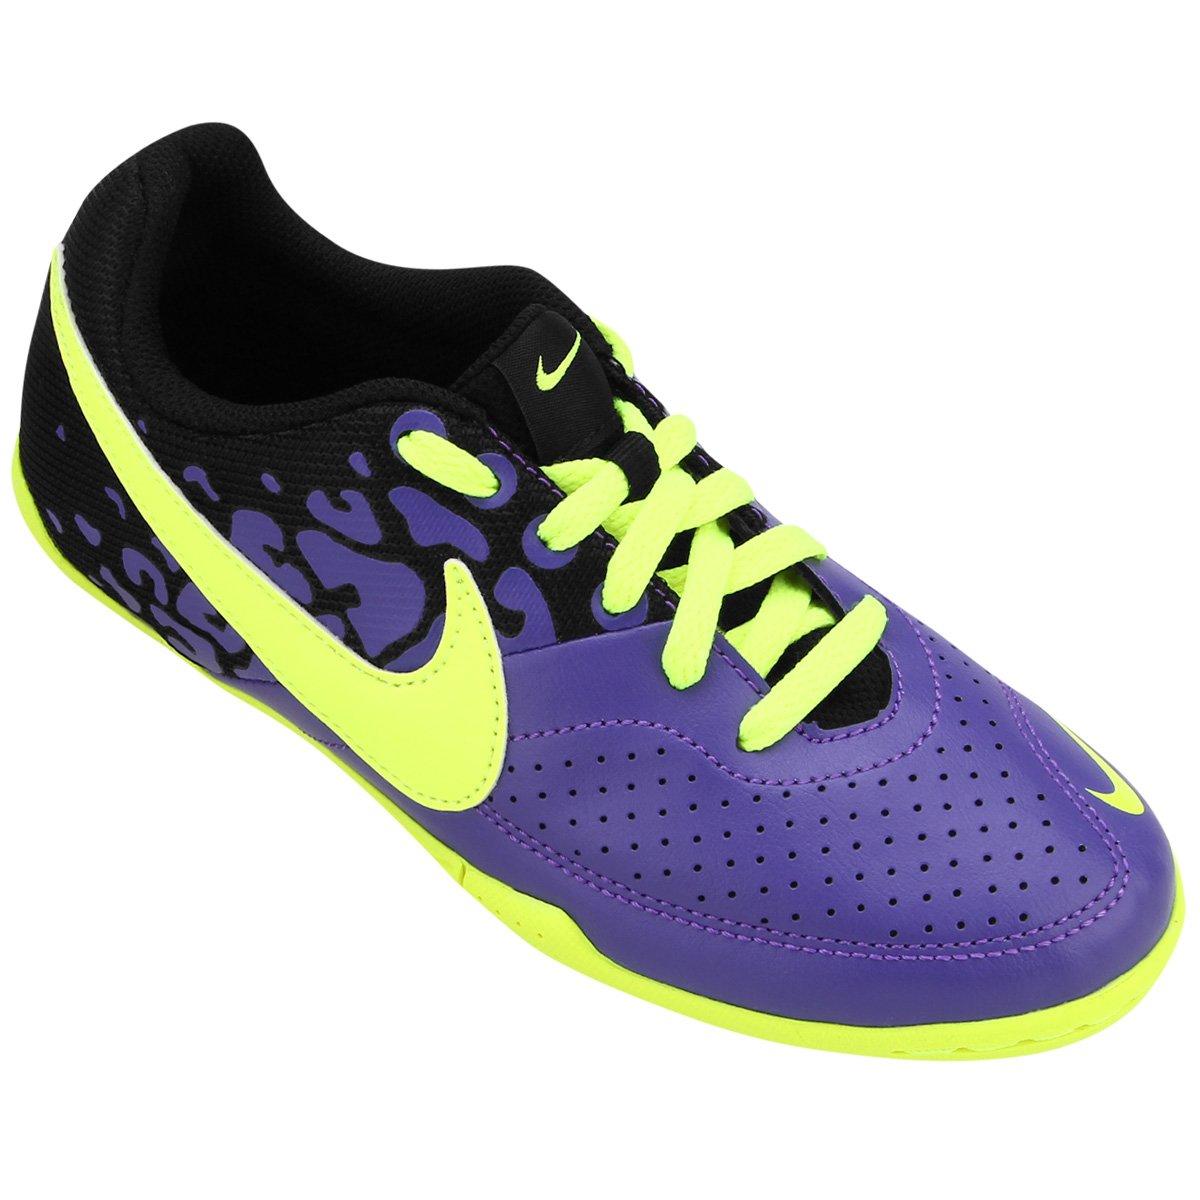 a986feefbb912 Chuteira Nike 5 Elástico 2 Infantil - Compre Agora